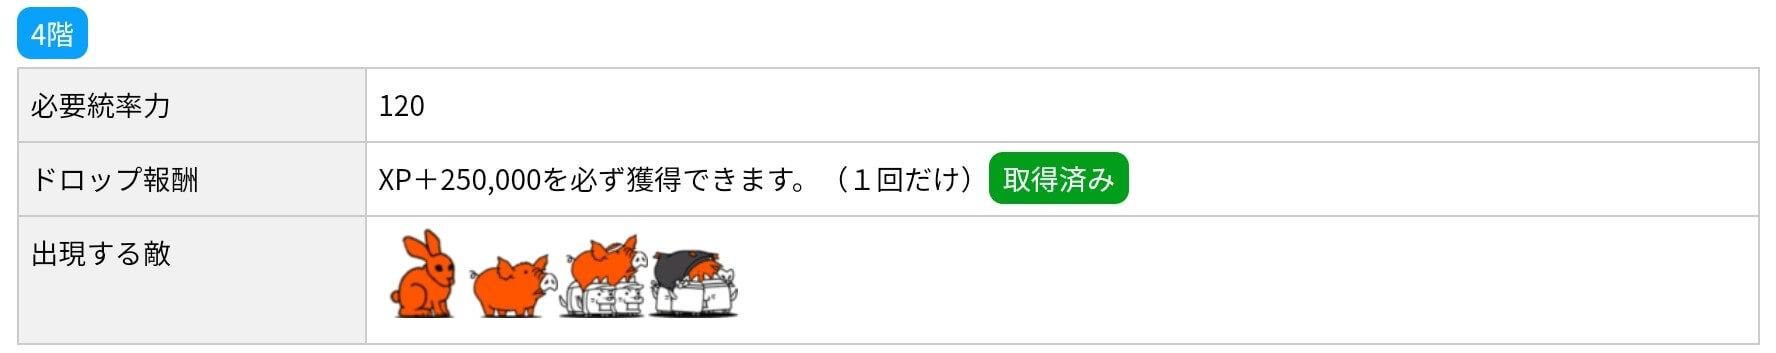 にゃんこ別塔(赤)4階 敵編成